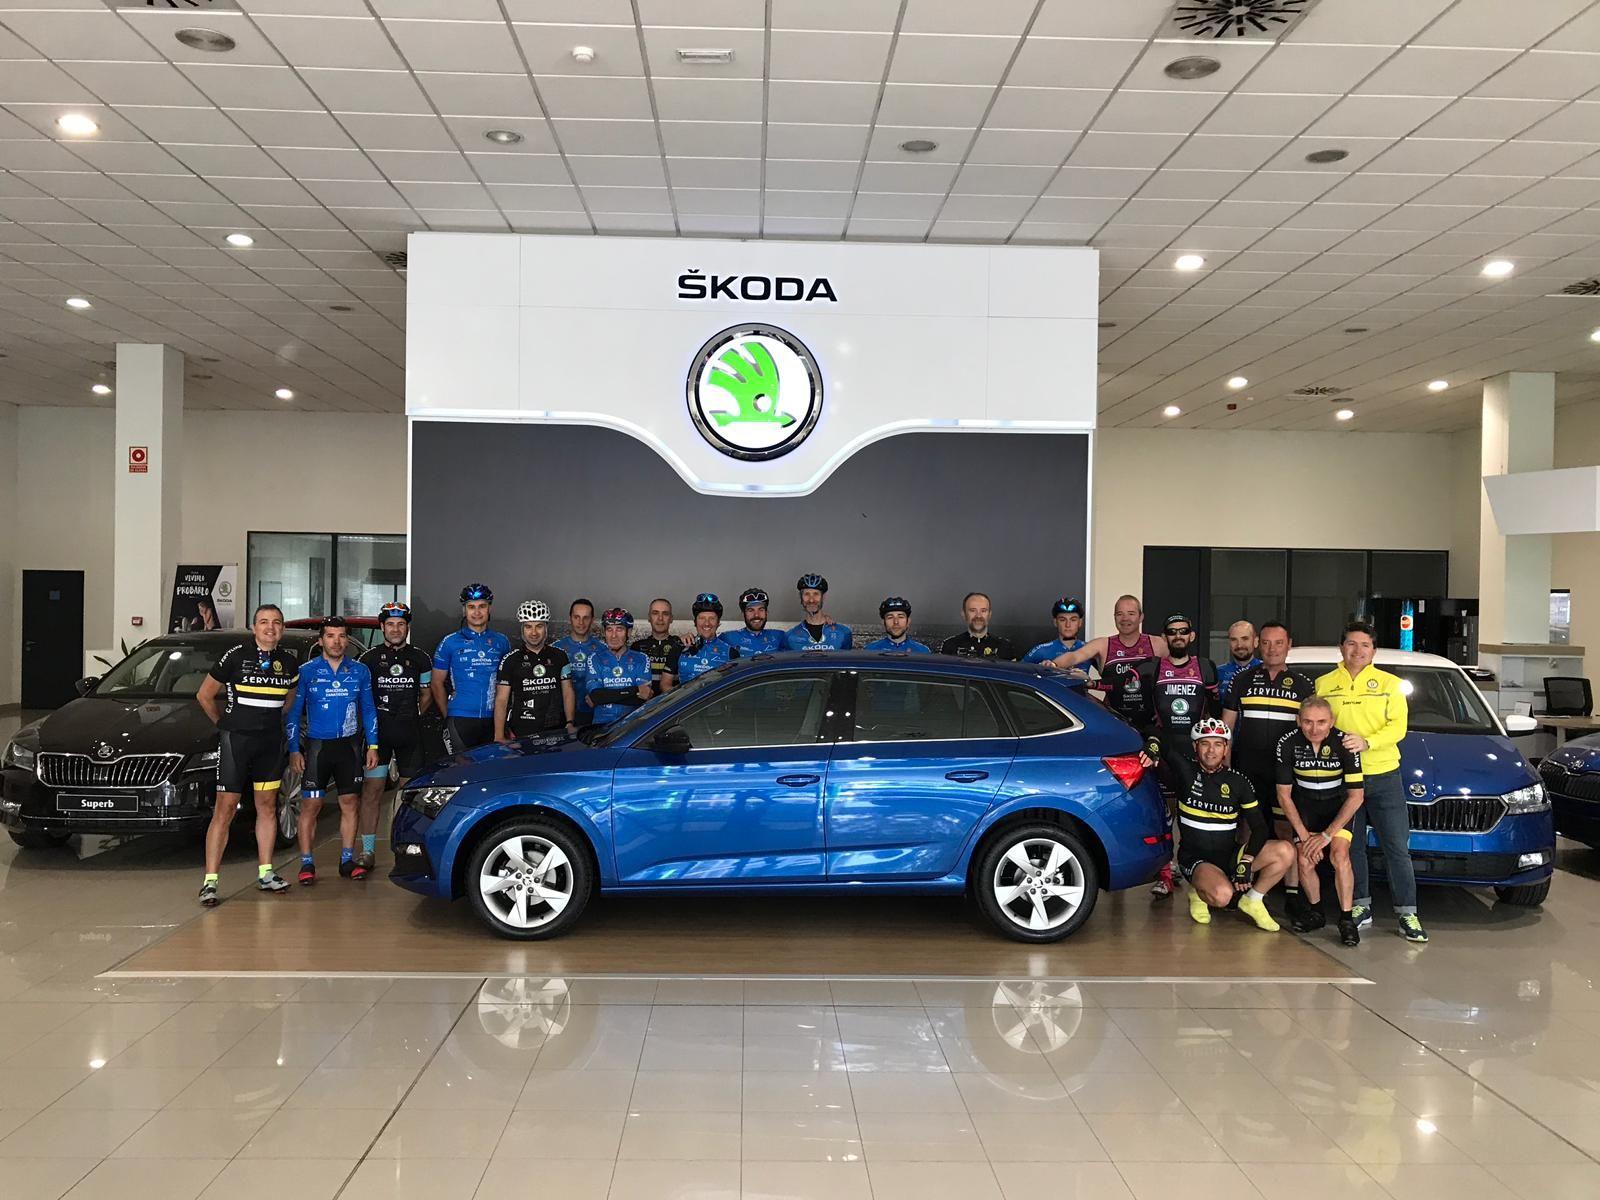 Casi 40 ciclistas acompañan al Skoda Scala en su primera ruta por Zaragoza